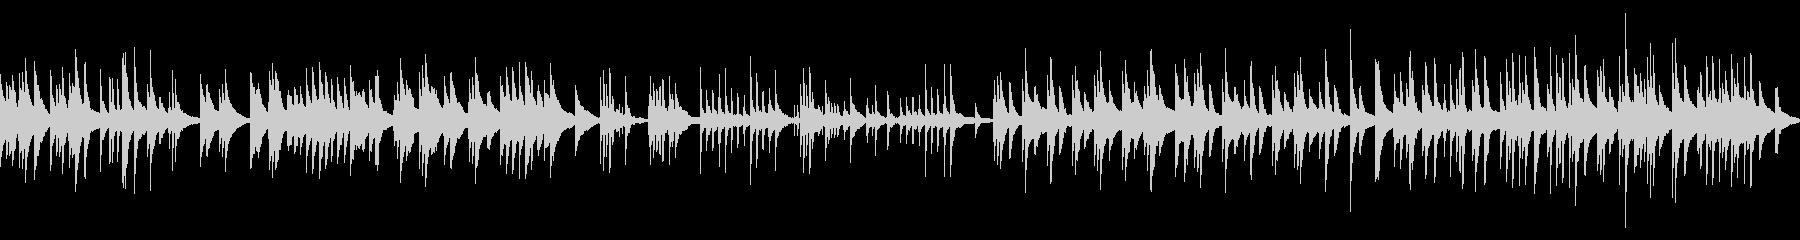 切ないピアノソロ単音結婚式感謝の手紙の未再生の波形